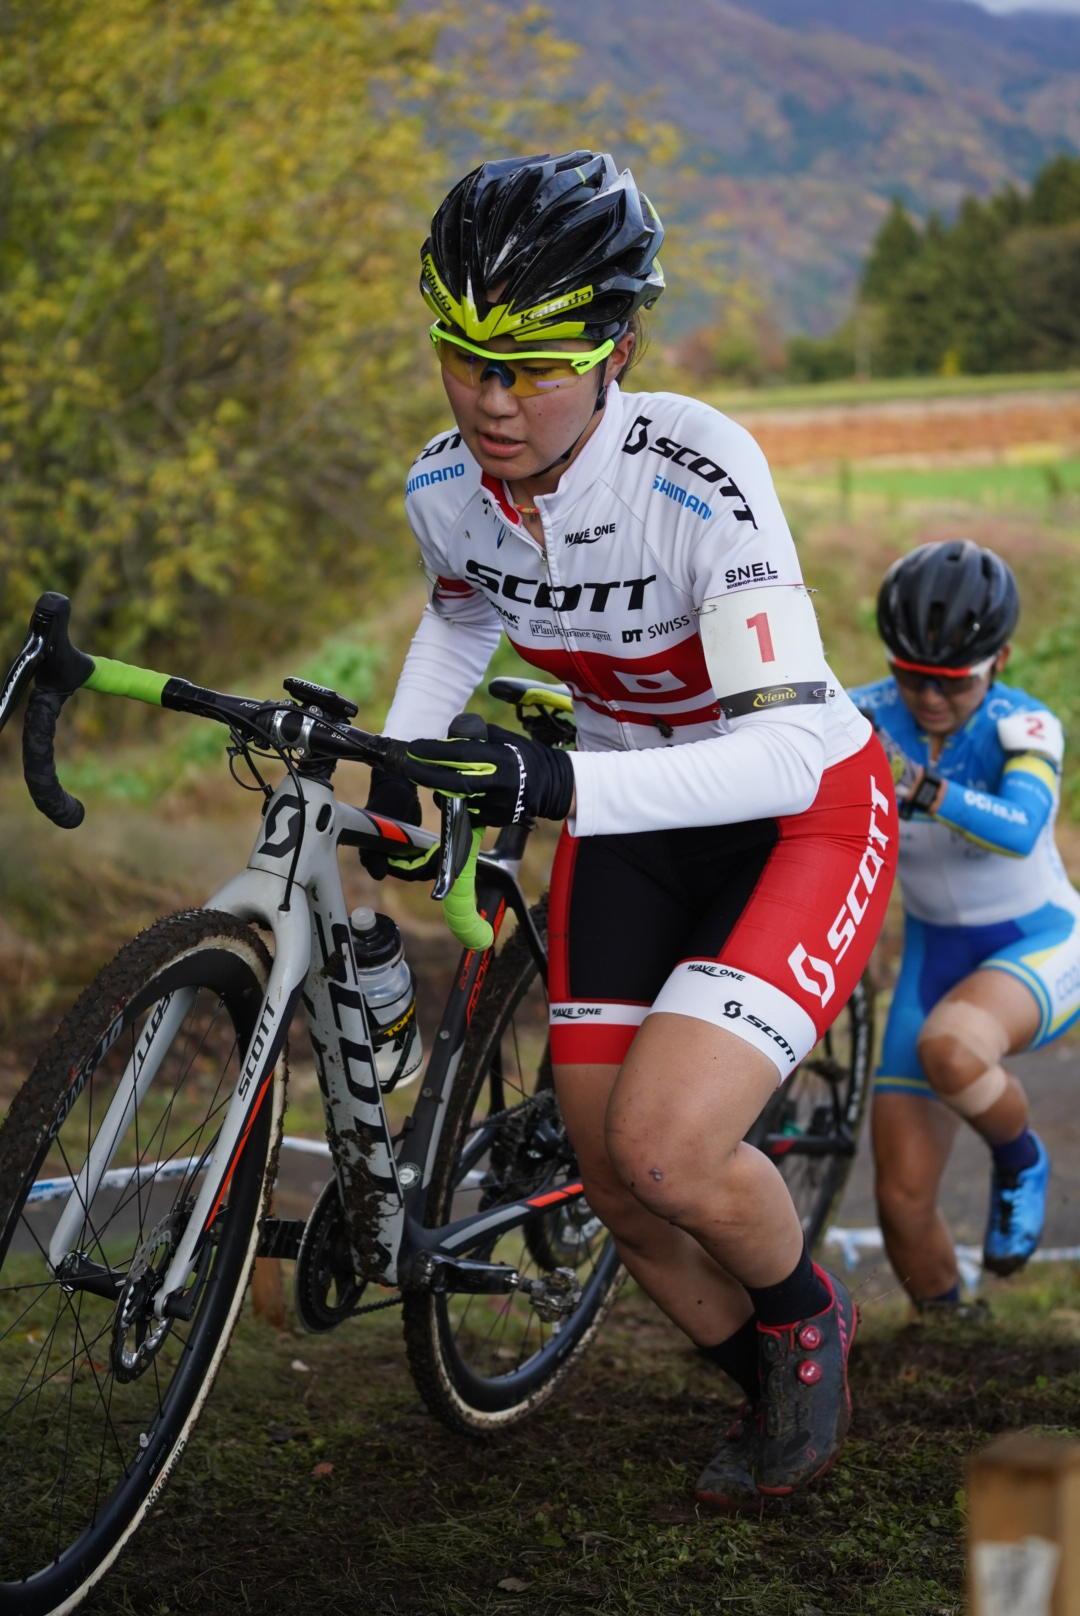 https://www.cyclocross.jp/news/DSC09264.JPG